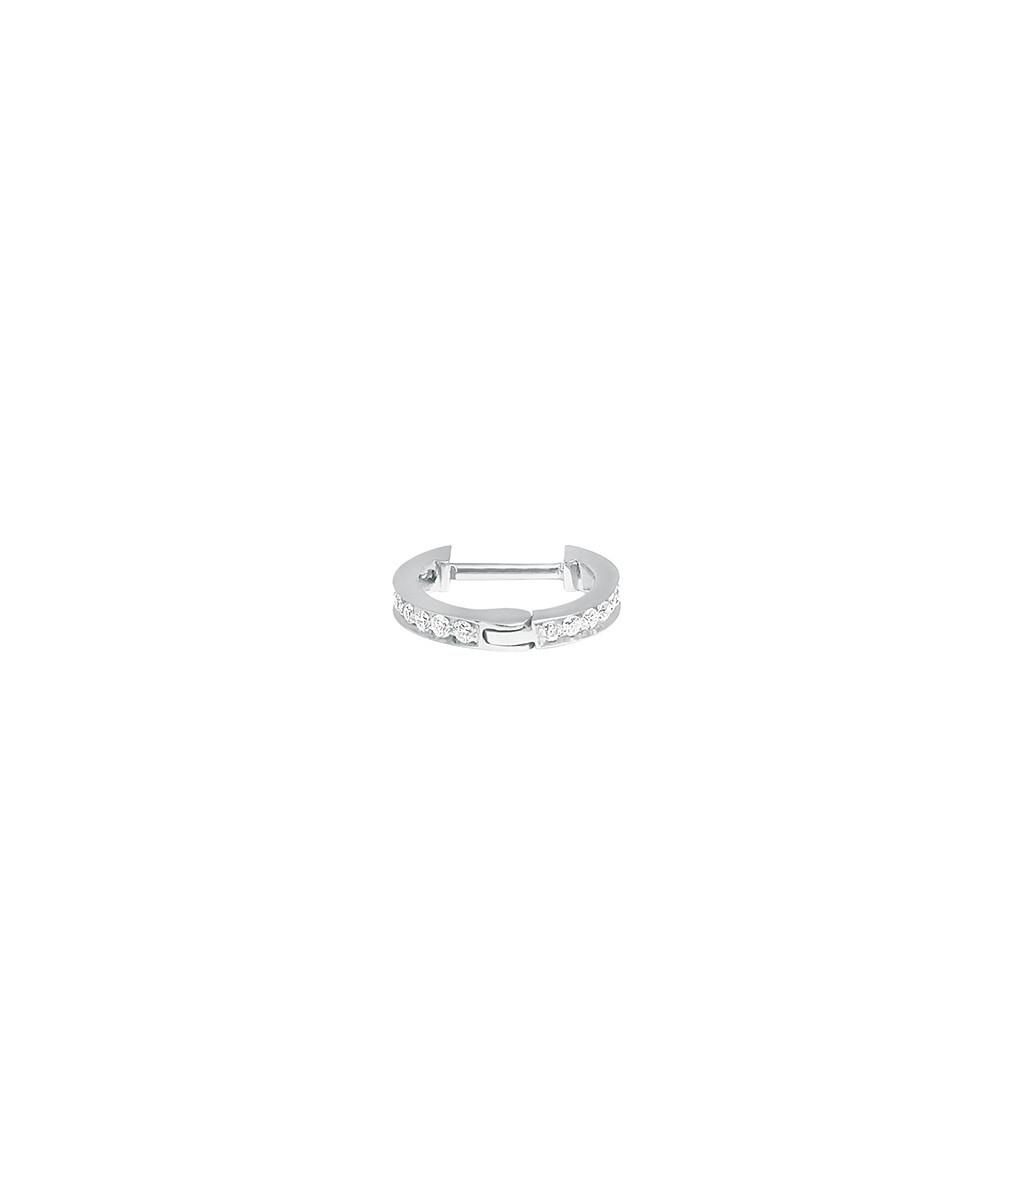 VANRYCKE - Créole Officiel XS Or Blanc Diamants (vendue à l'unité)